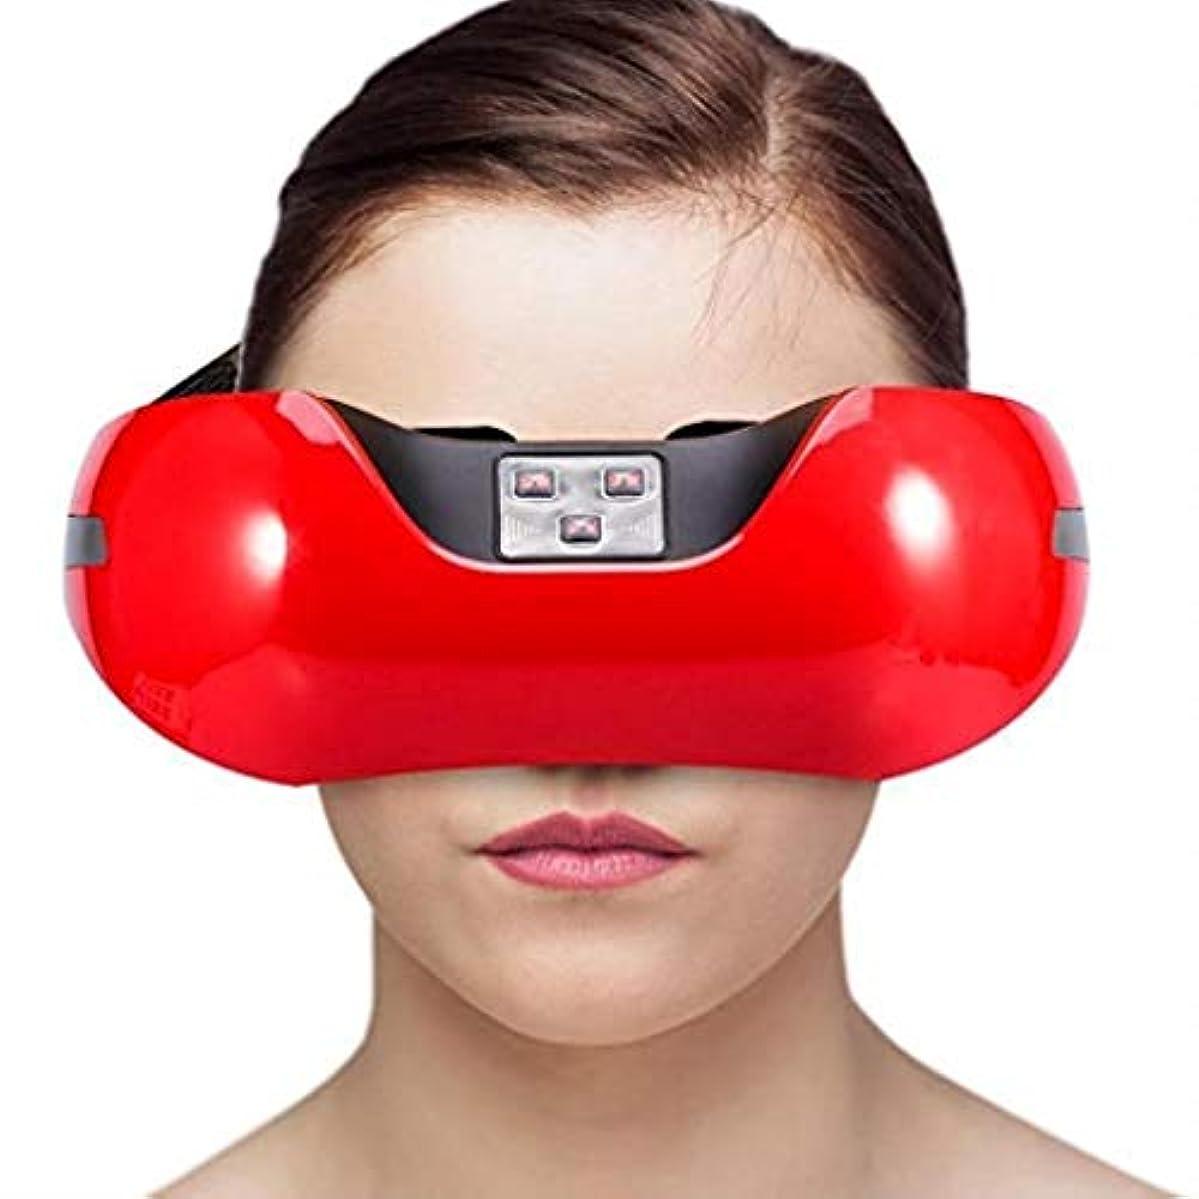 除外する凍る枝近視の予防のための視力回復器具トレーニングアイマッサージ器具 (Color : Red)